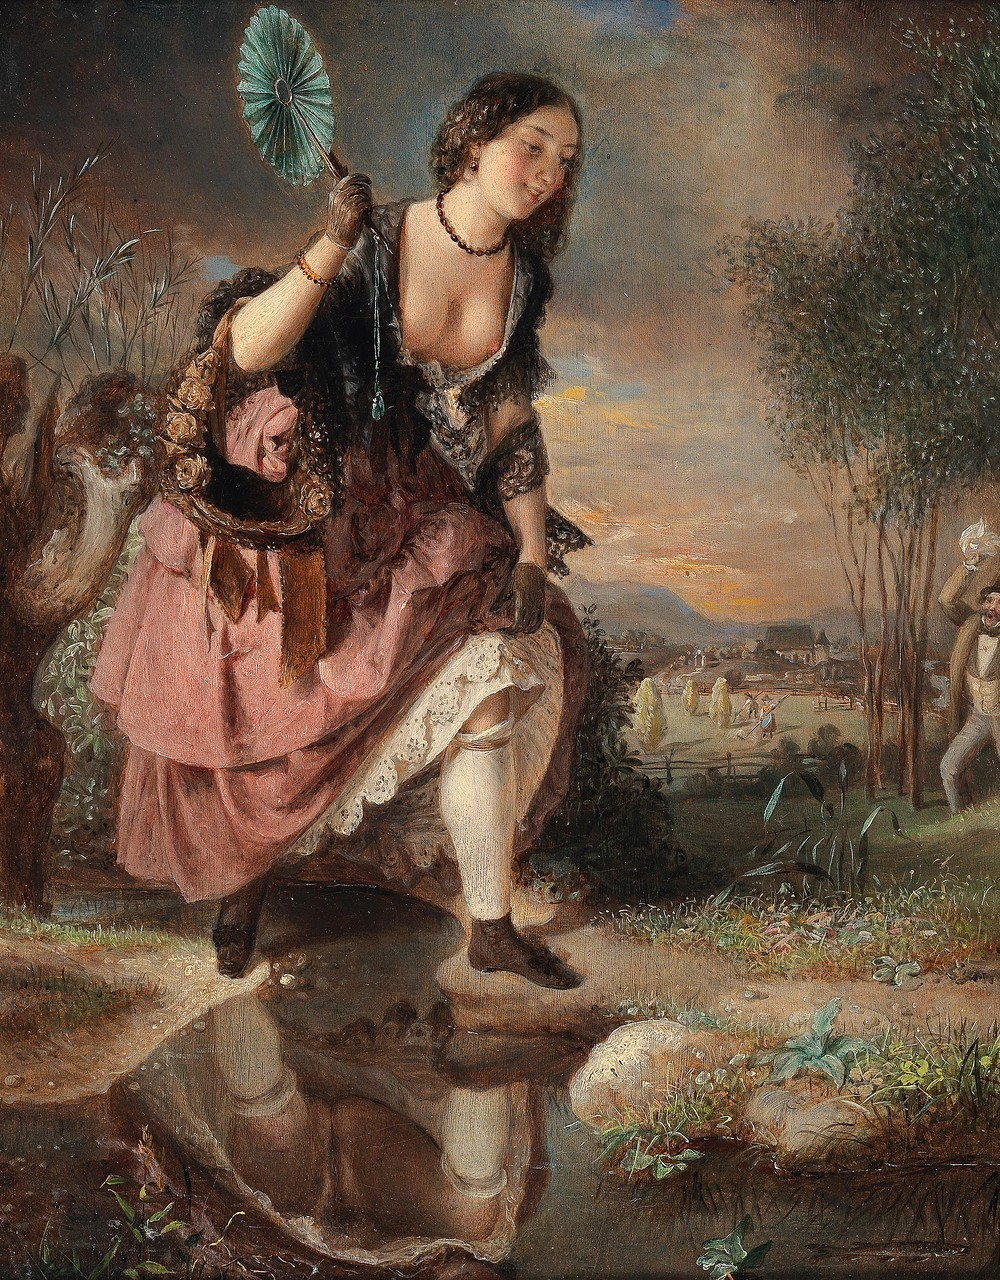 Рабыня ебля в демидове мамочку выебали